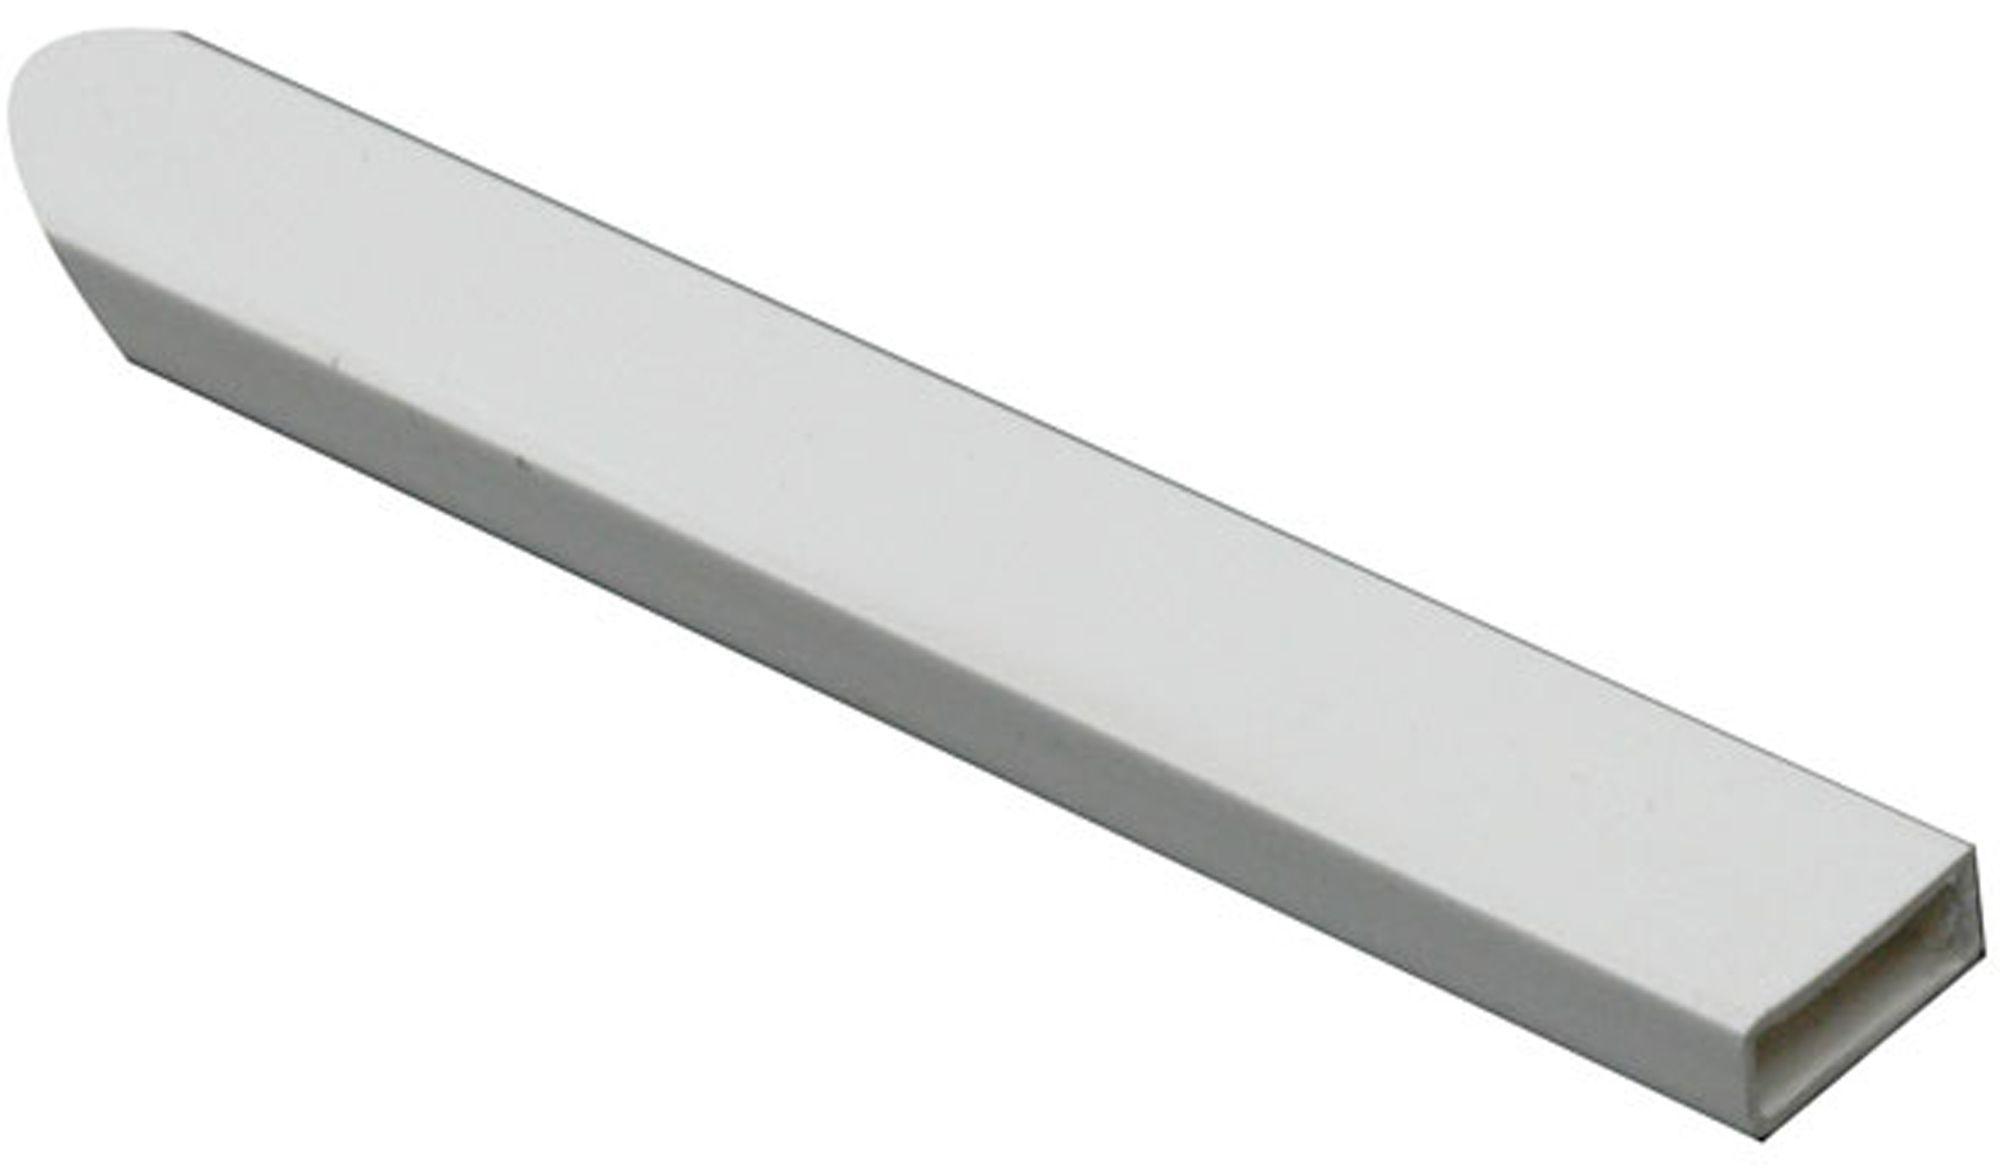 Ffa Concept White Pvc Rectangular Tube W 11 6mm L 1m